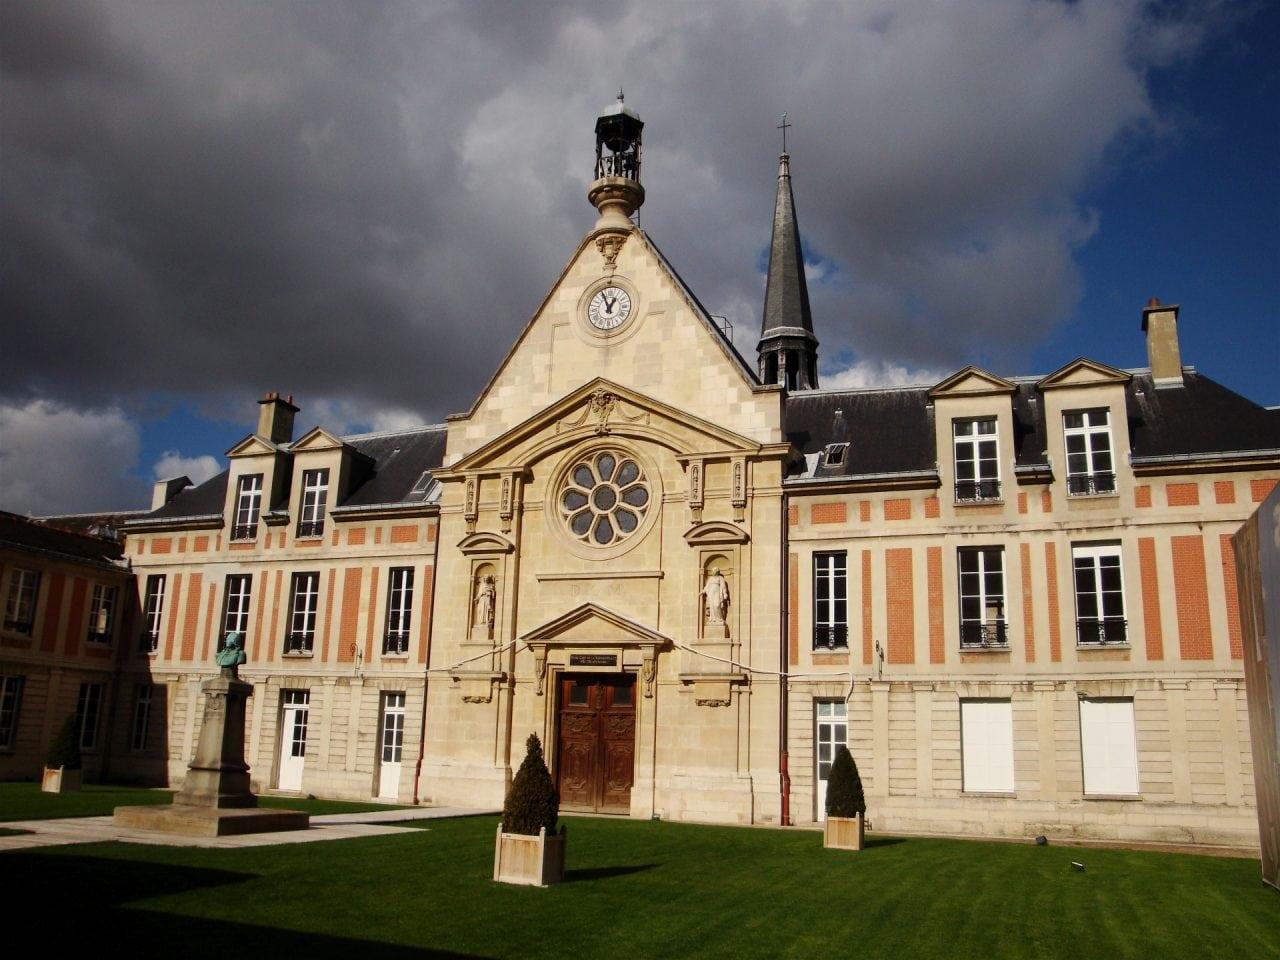 Laennec - Aportul industriei luxului la cladirea sau restaurarea patrimoniului arhitectural